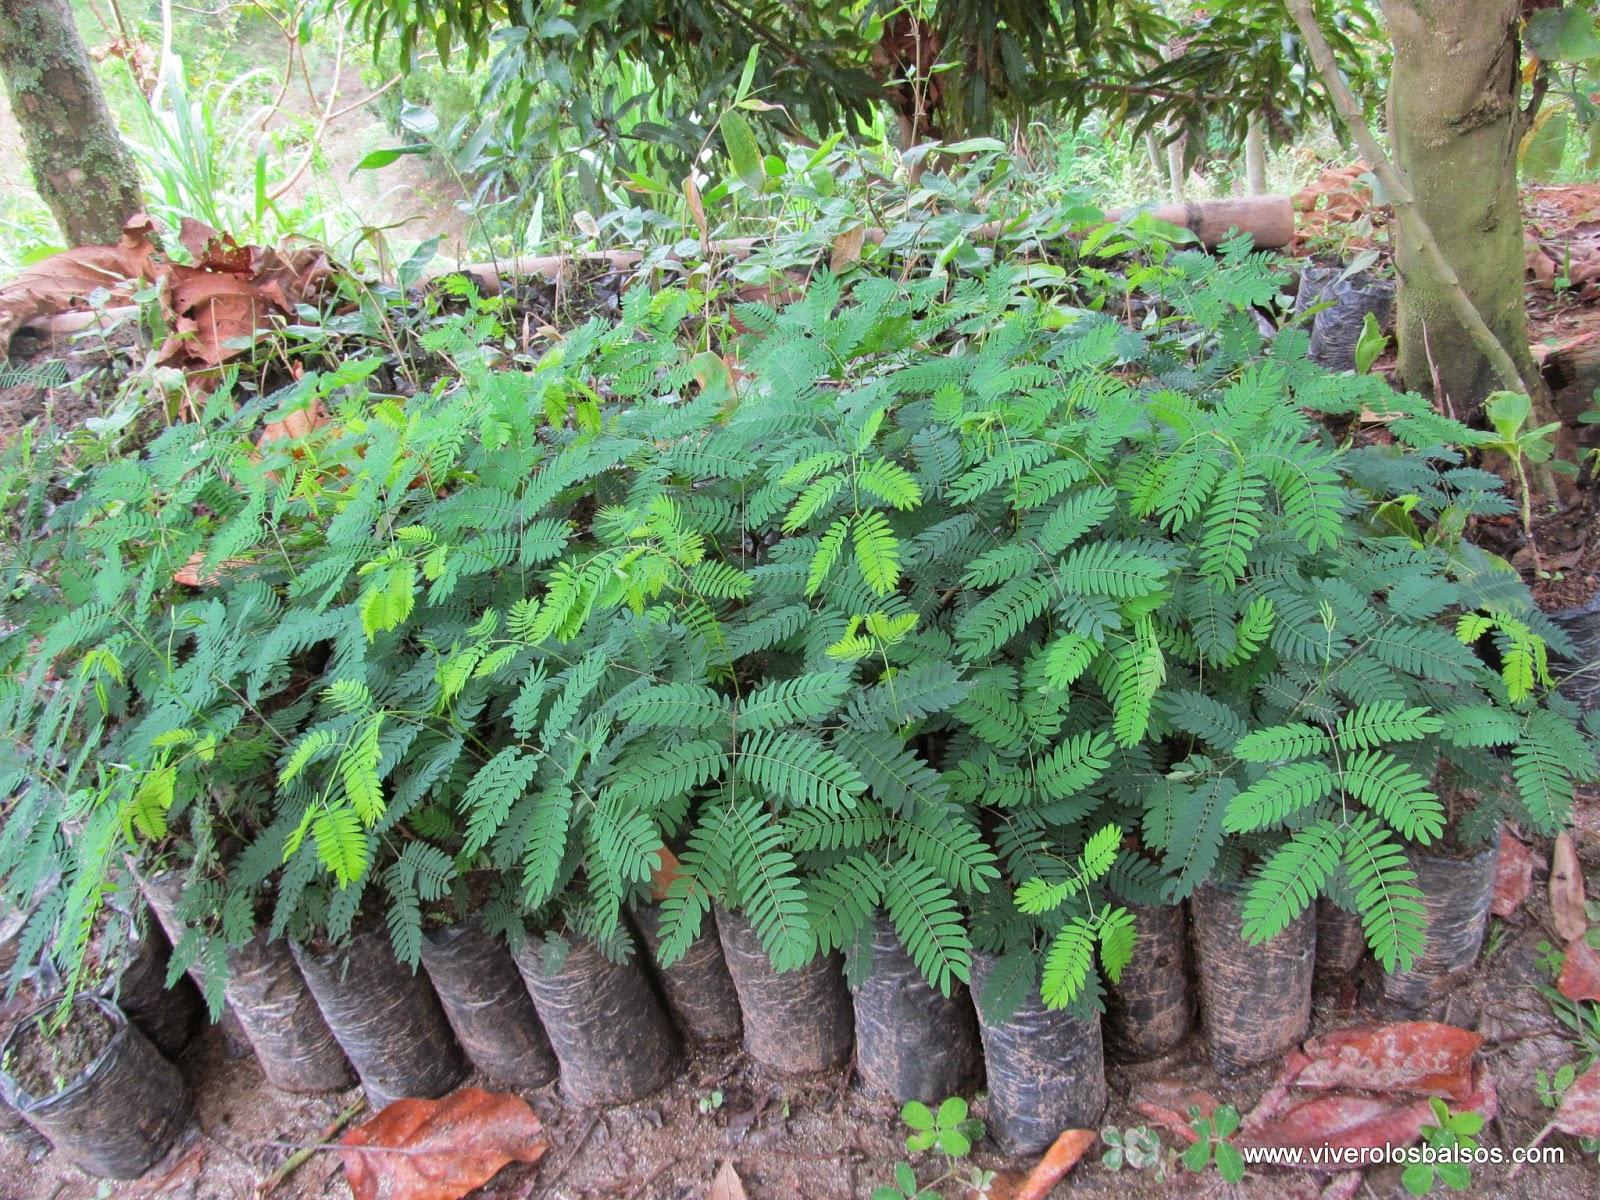 Vivero los balsos venta de plantulas de leucaena en for Viveros medellin